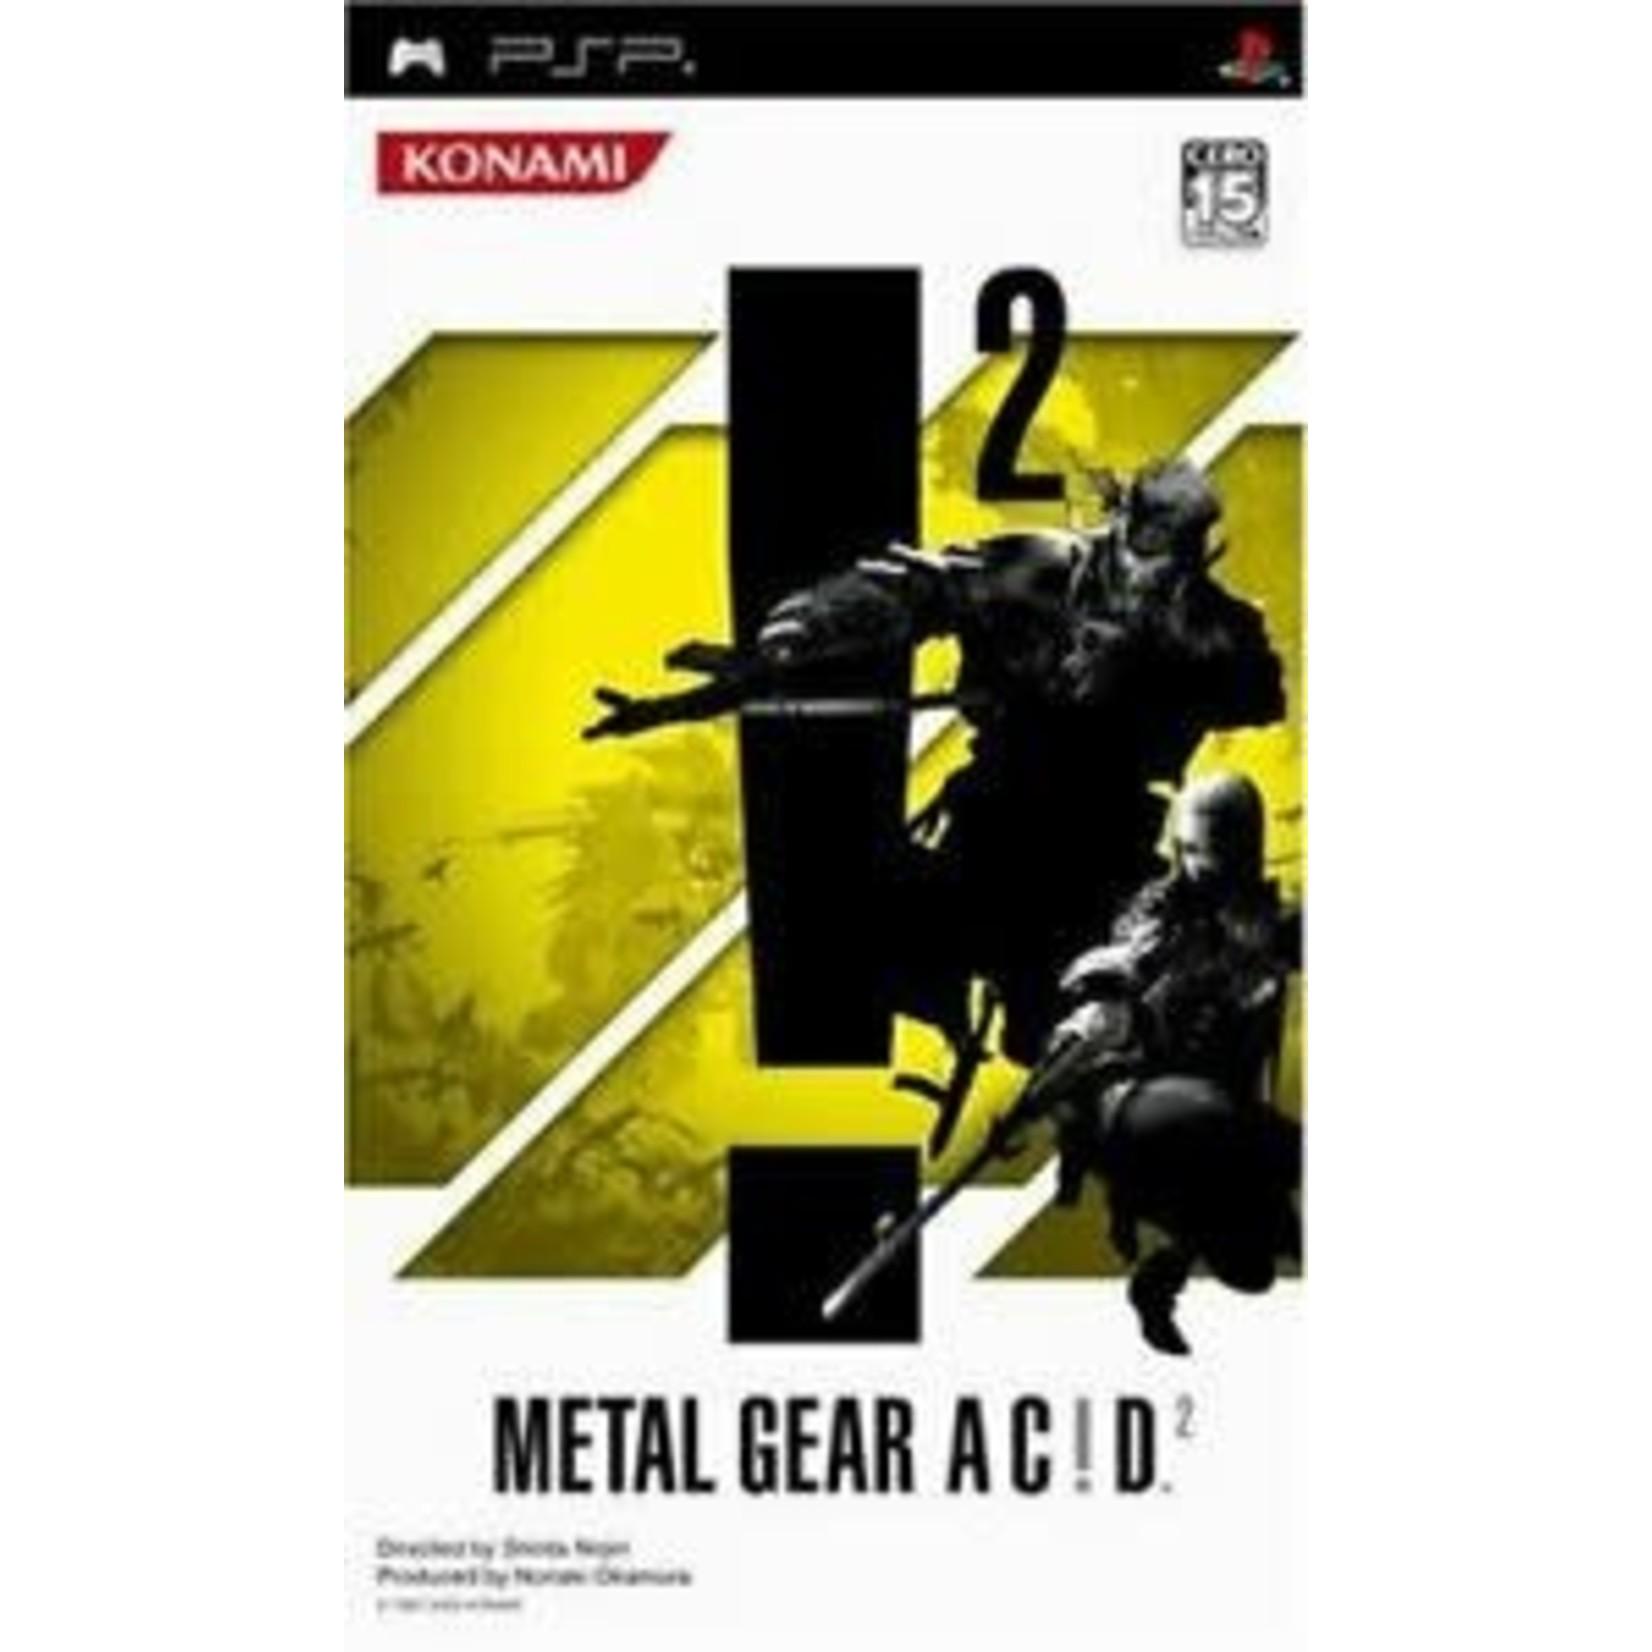 IMPORT-PSPU-METAL GEAR AC!D 2